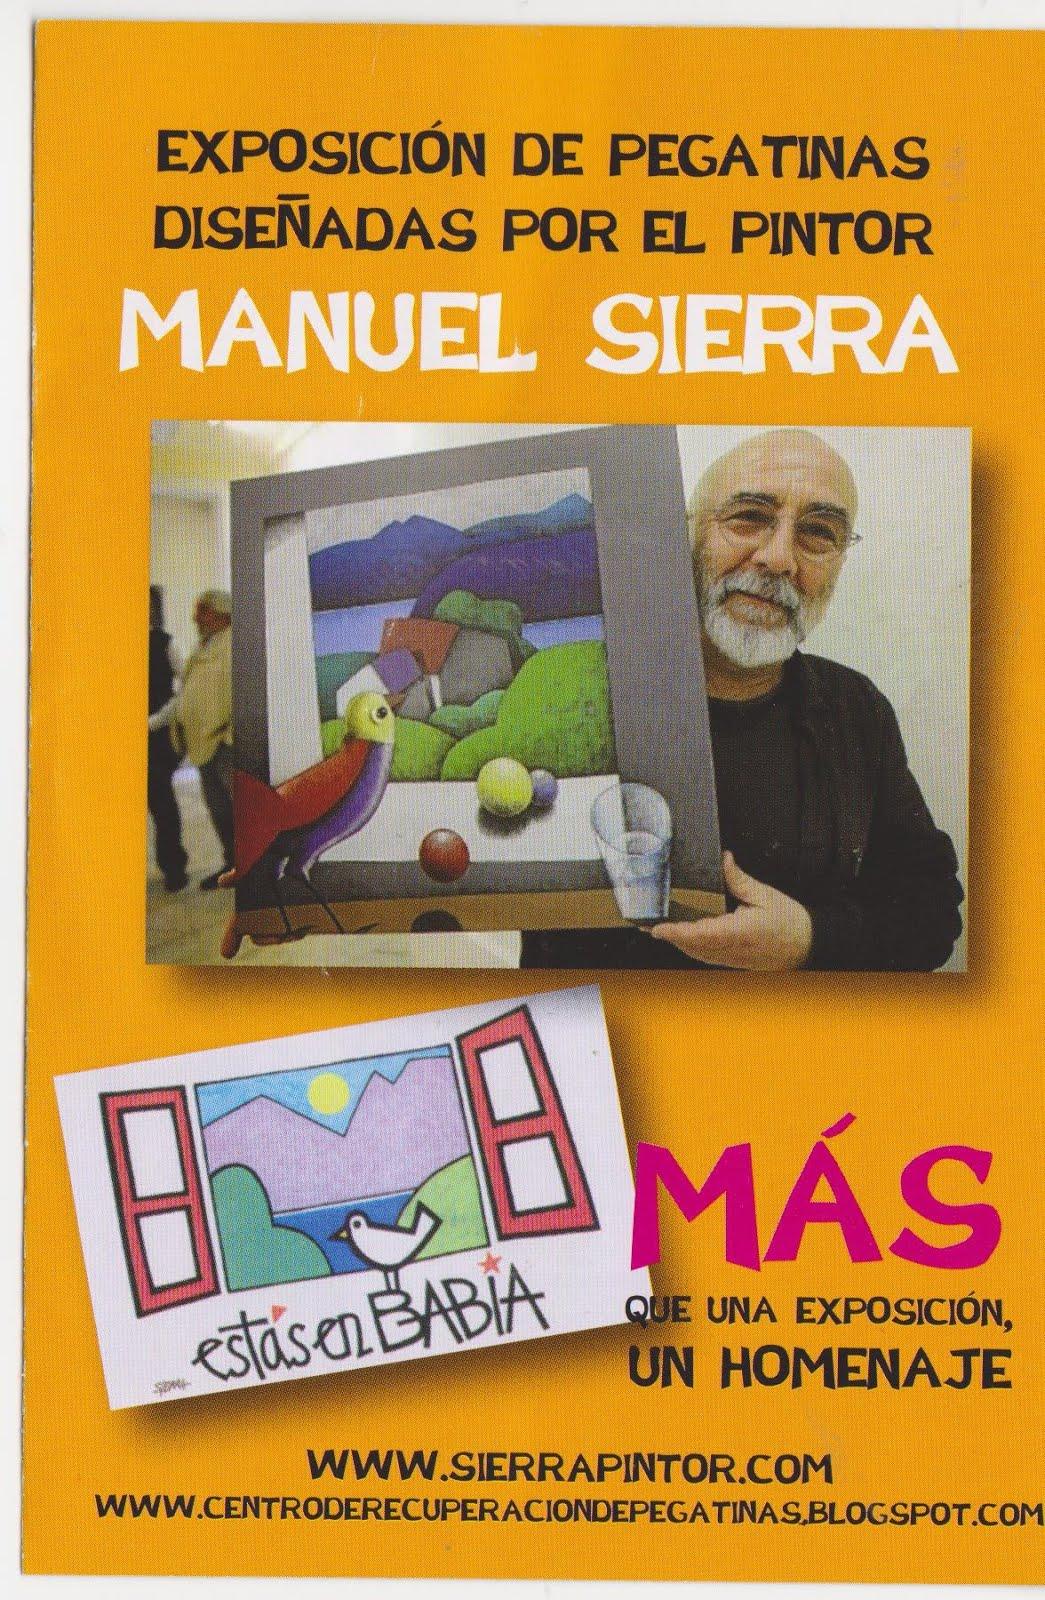 EXPOSICION MANUEL SIERRA EN PEGATINAS